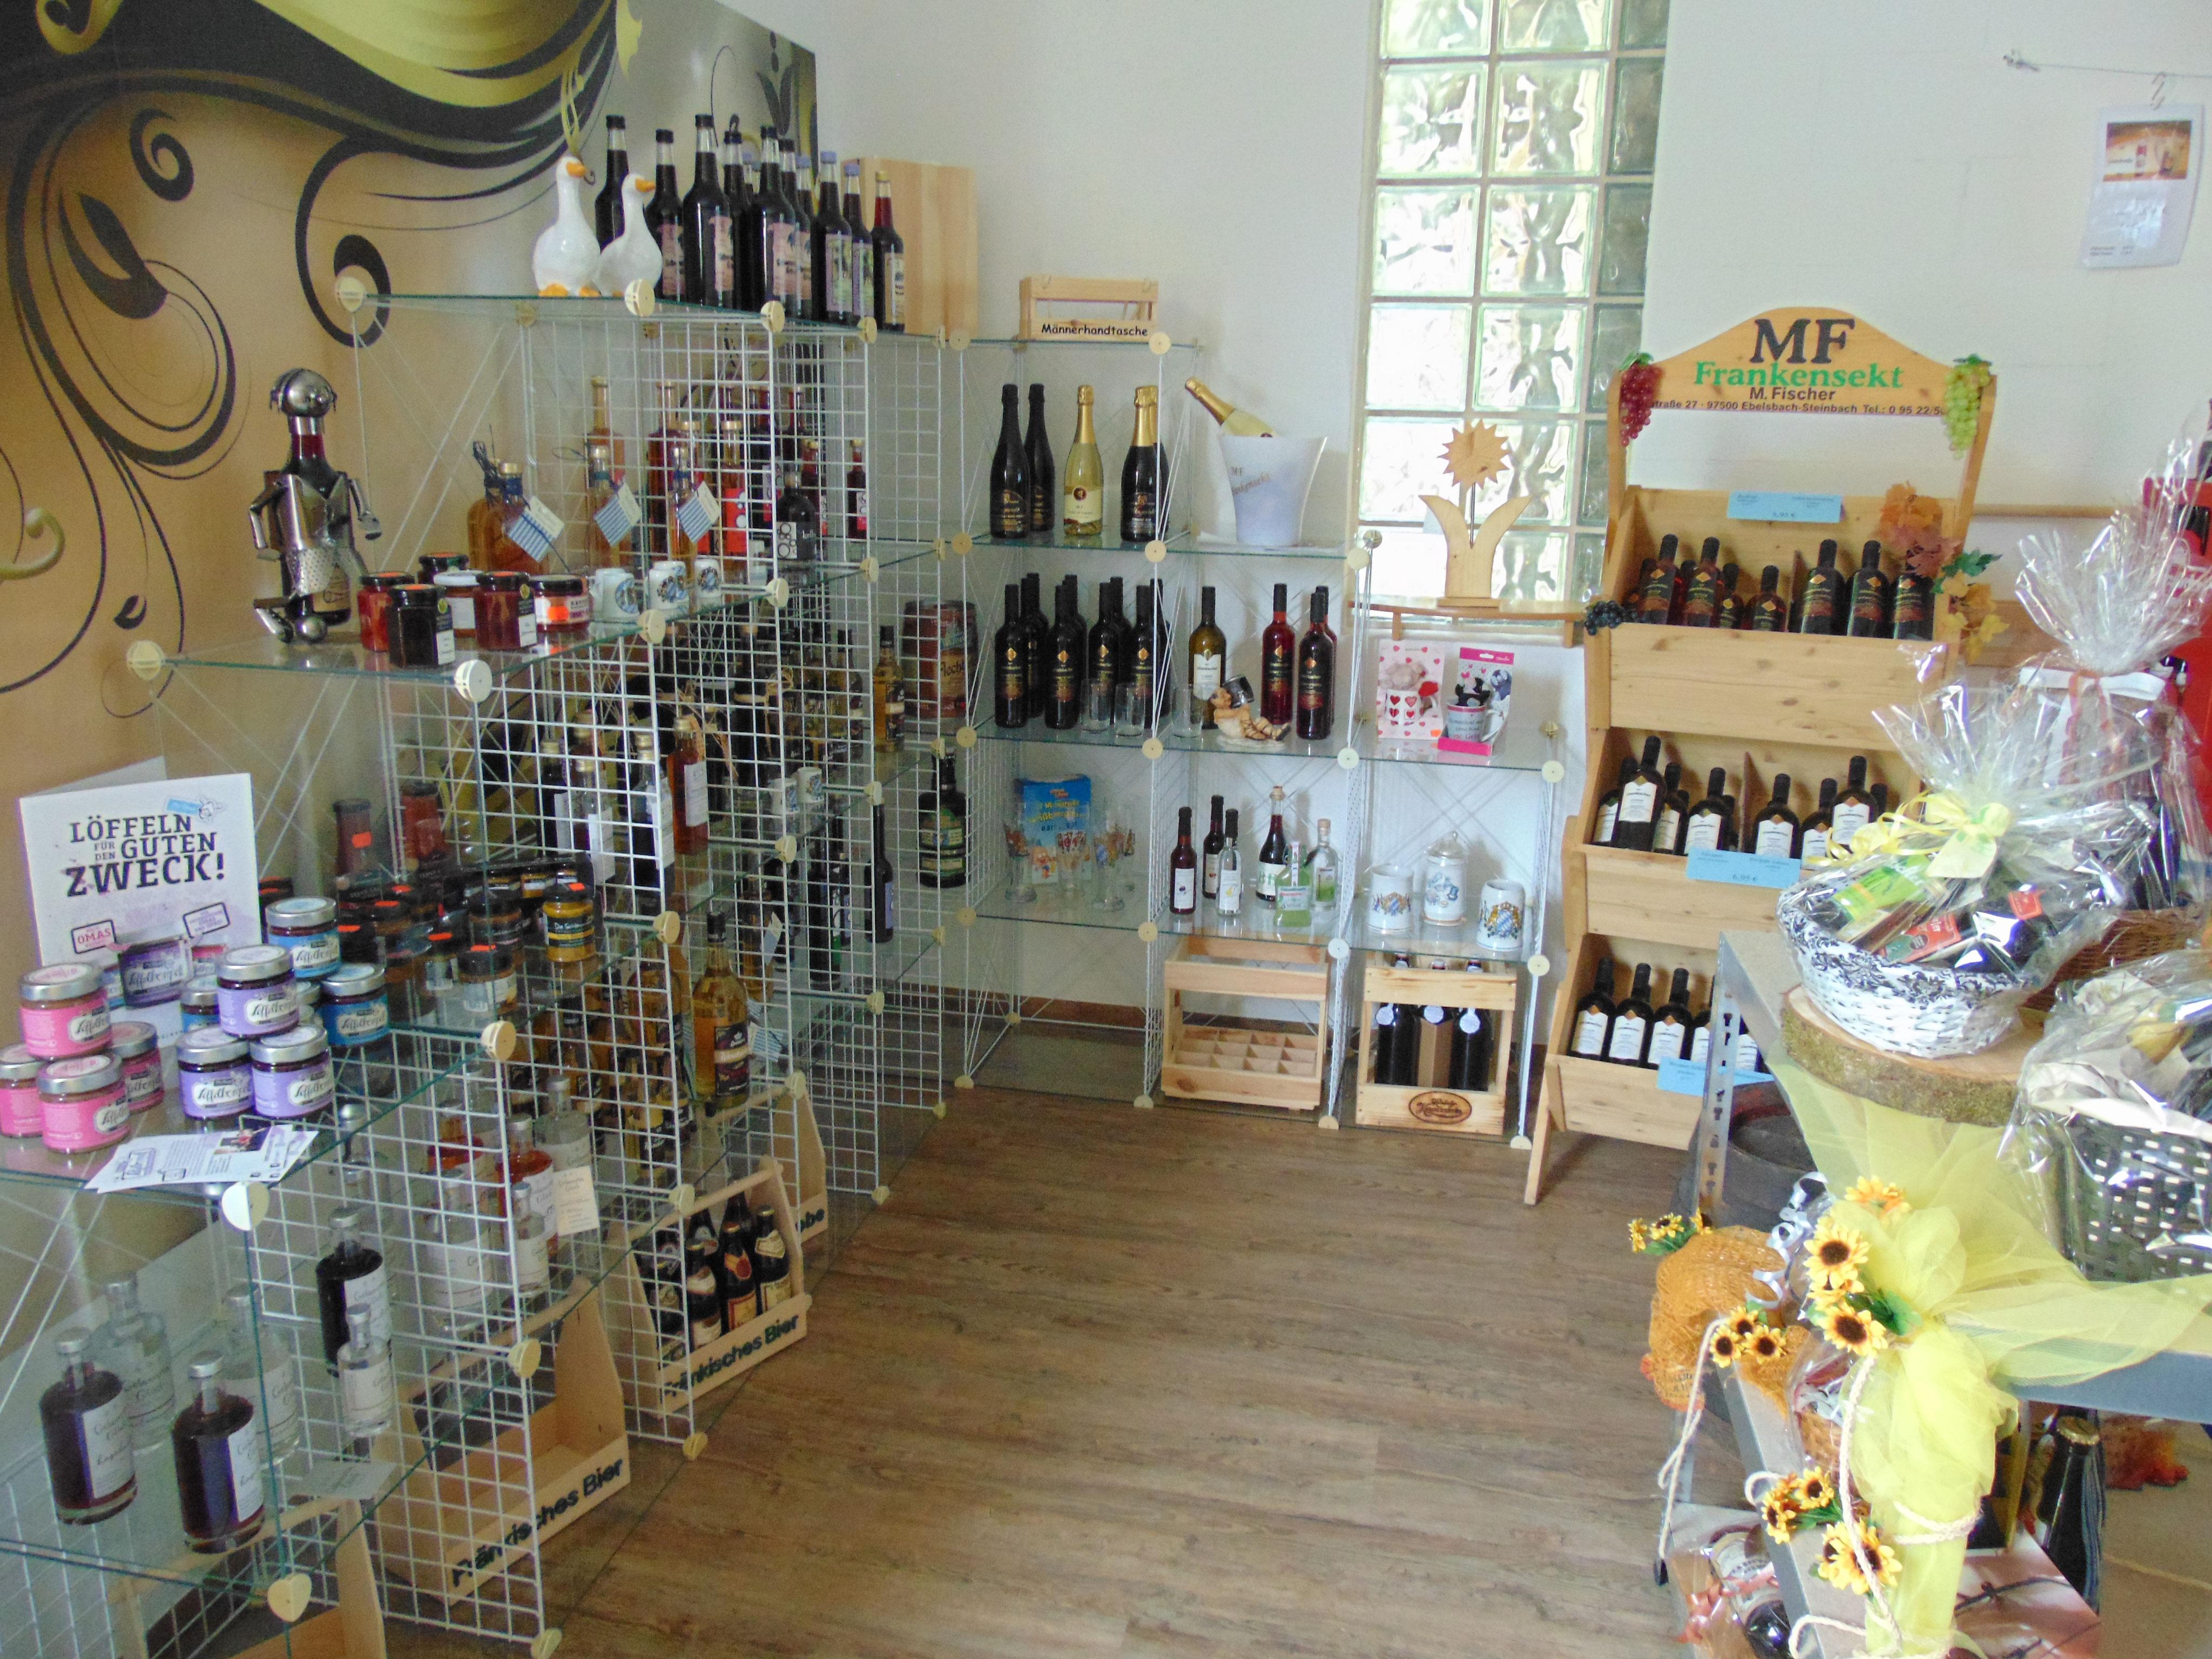 Urige Getränke - Ecke Stumpf - Stumpf-Porzellan und Vereinsbedarf